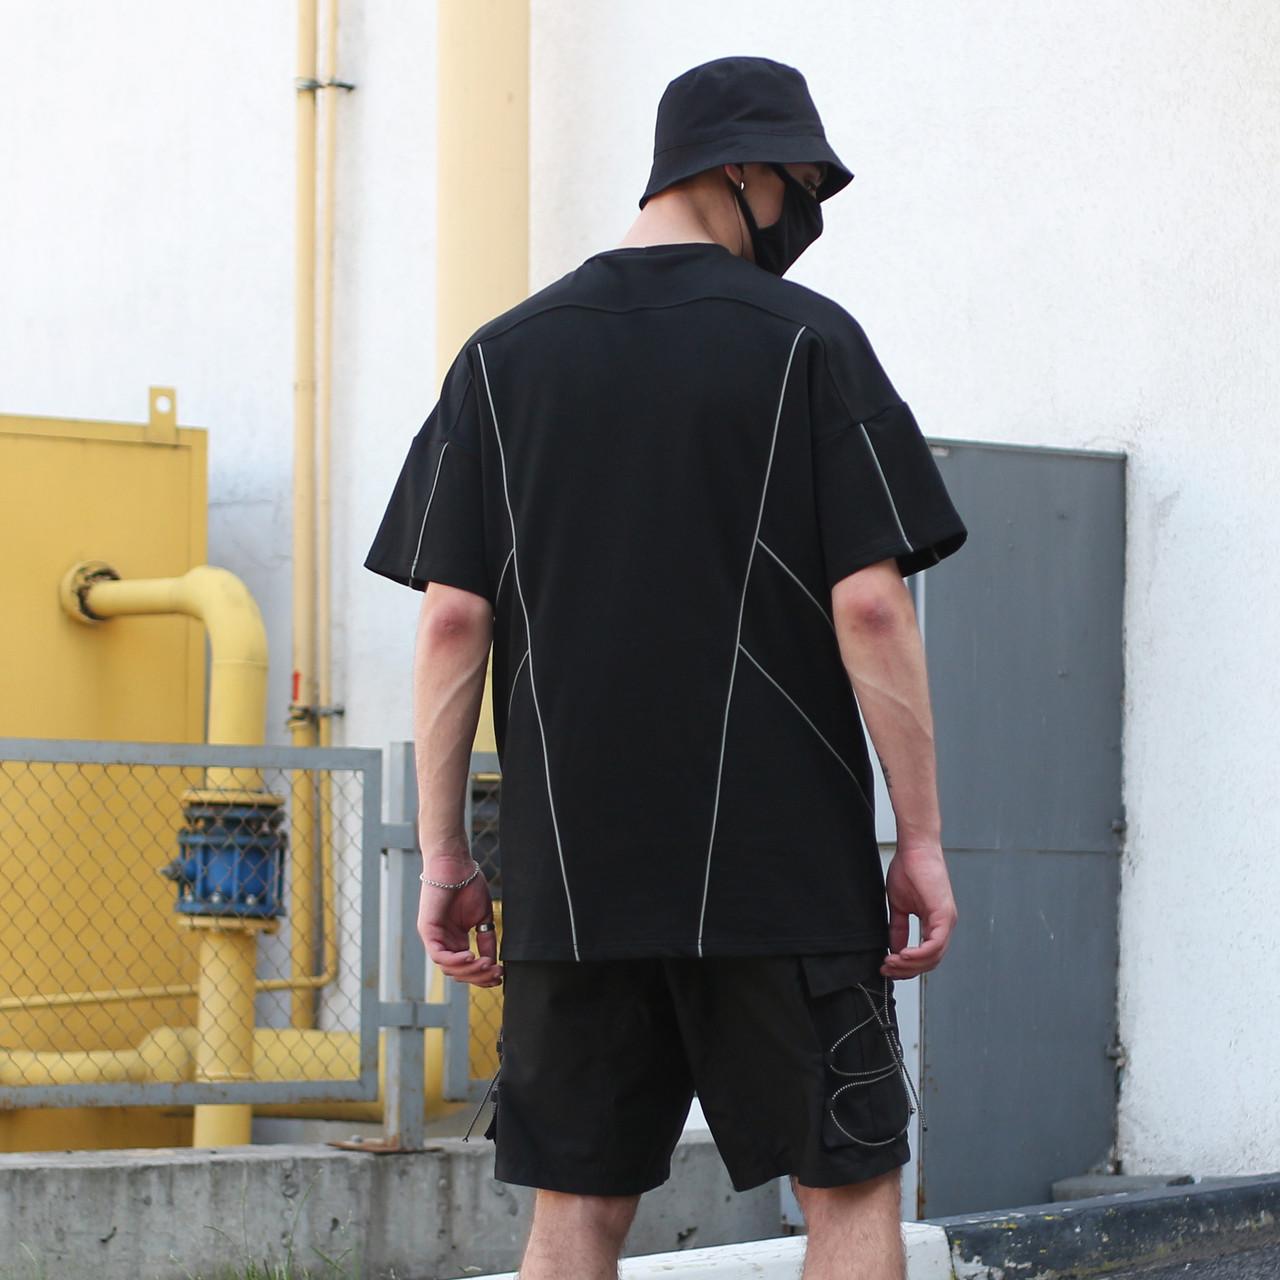 Футболка мужская черная  с рефлективным кантом бренд ТУР модель Сайбот (Saibot)